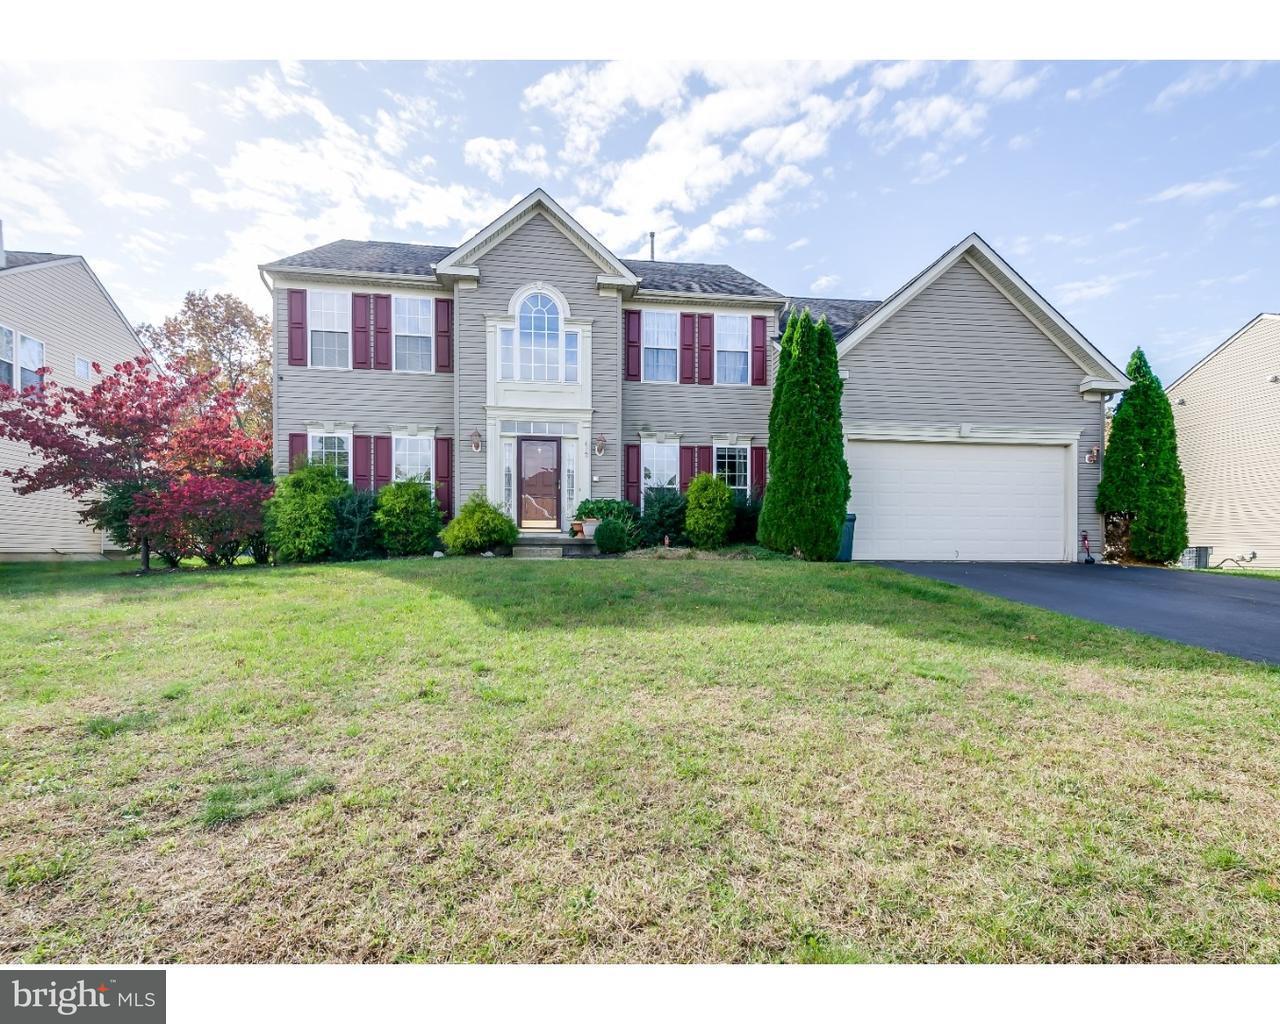 独户住宅 为 销售 在 412 MONTANA Trail Browns Mills, 新泽西州 08015 美国